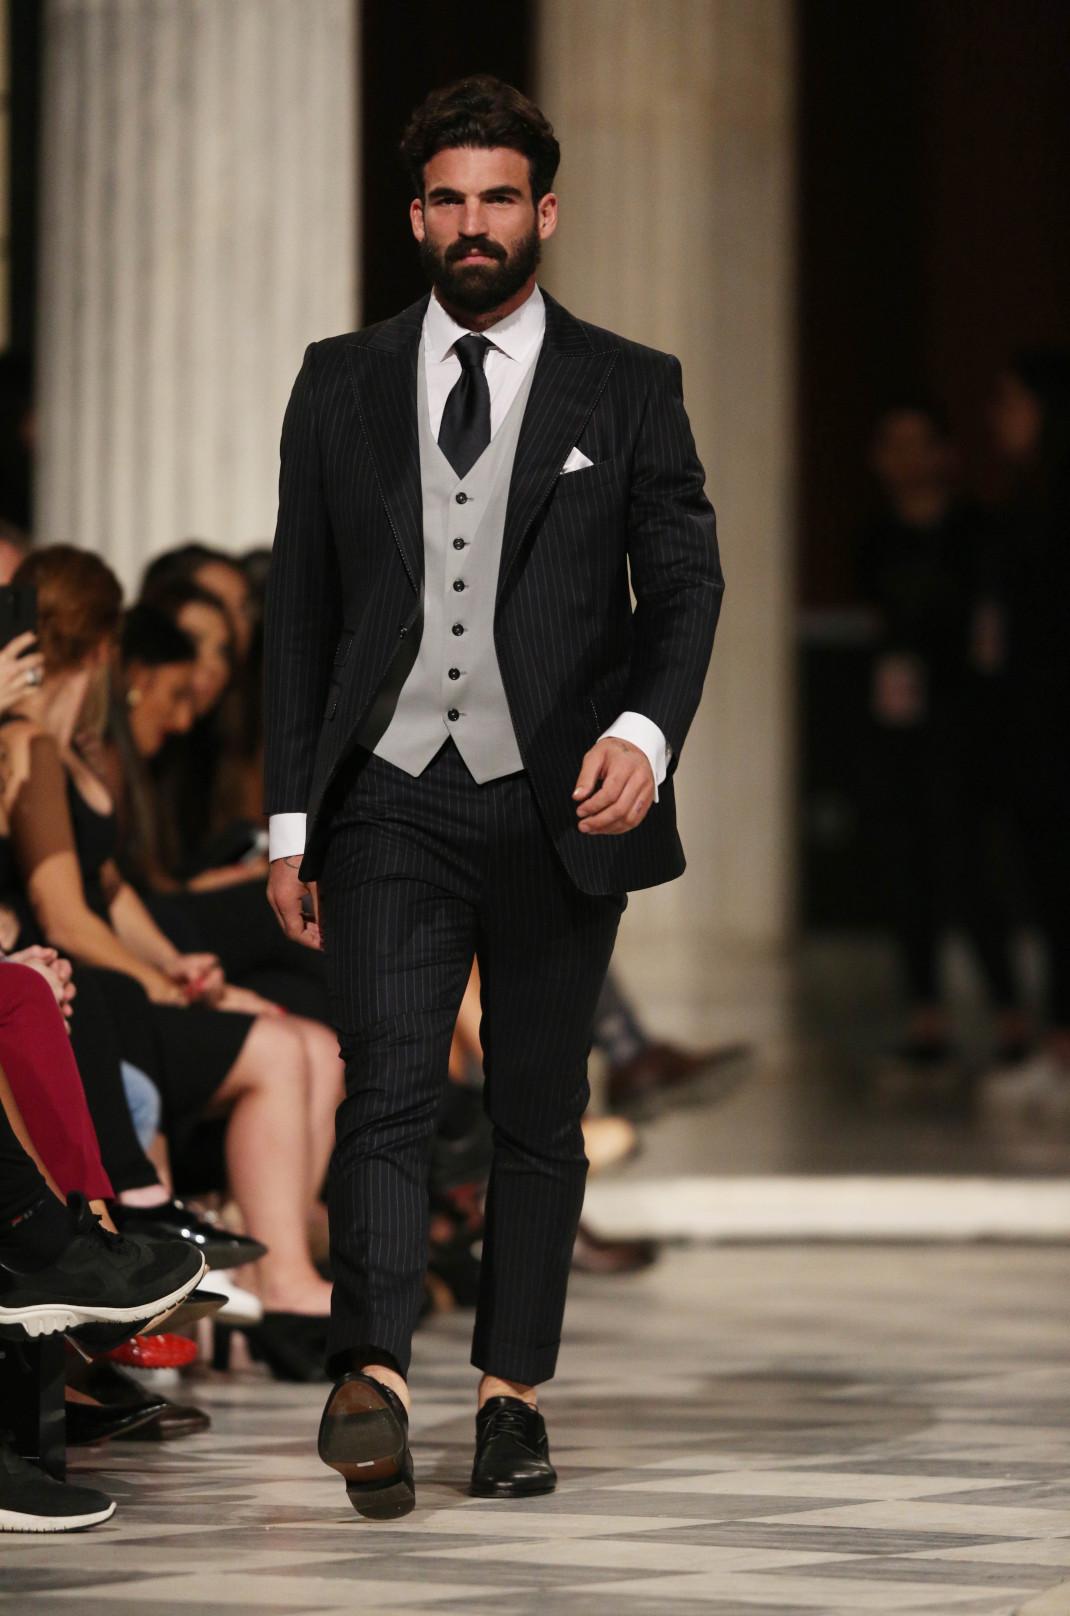 Ο Δημήτρης Αλεξάνδρου στο fashion show του Γιαννέτου